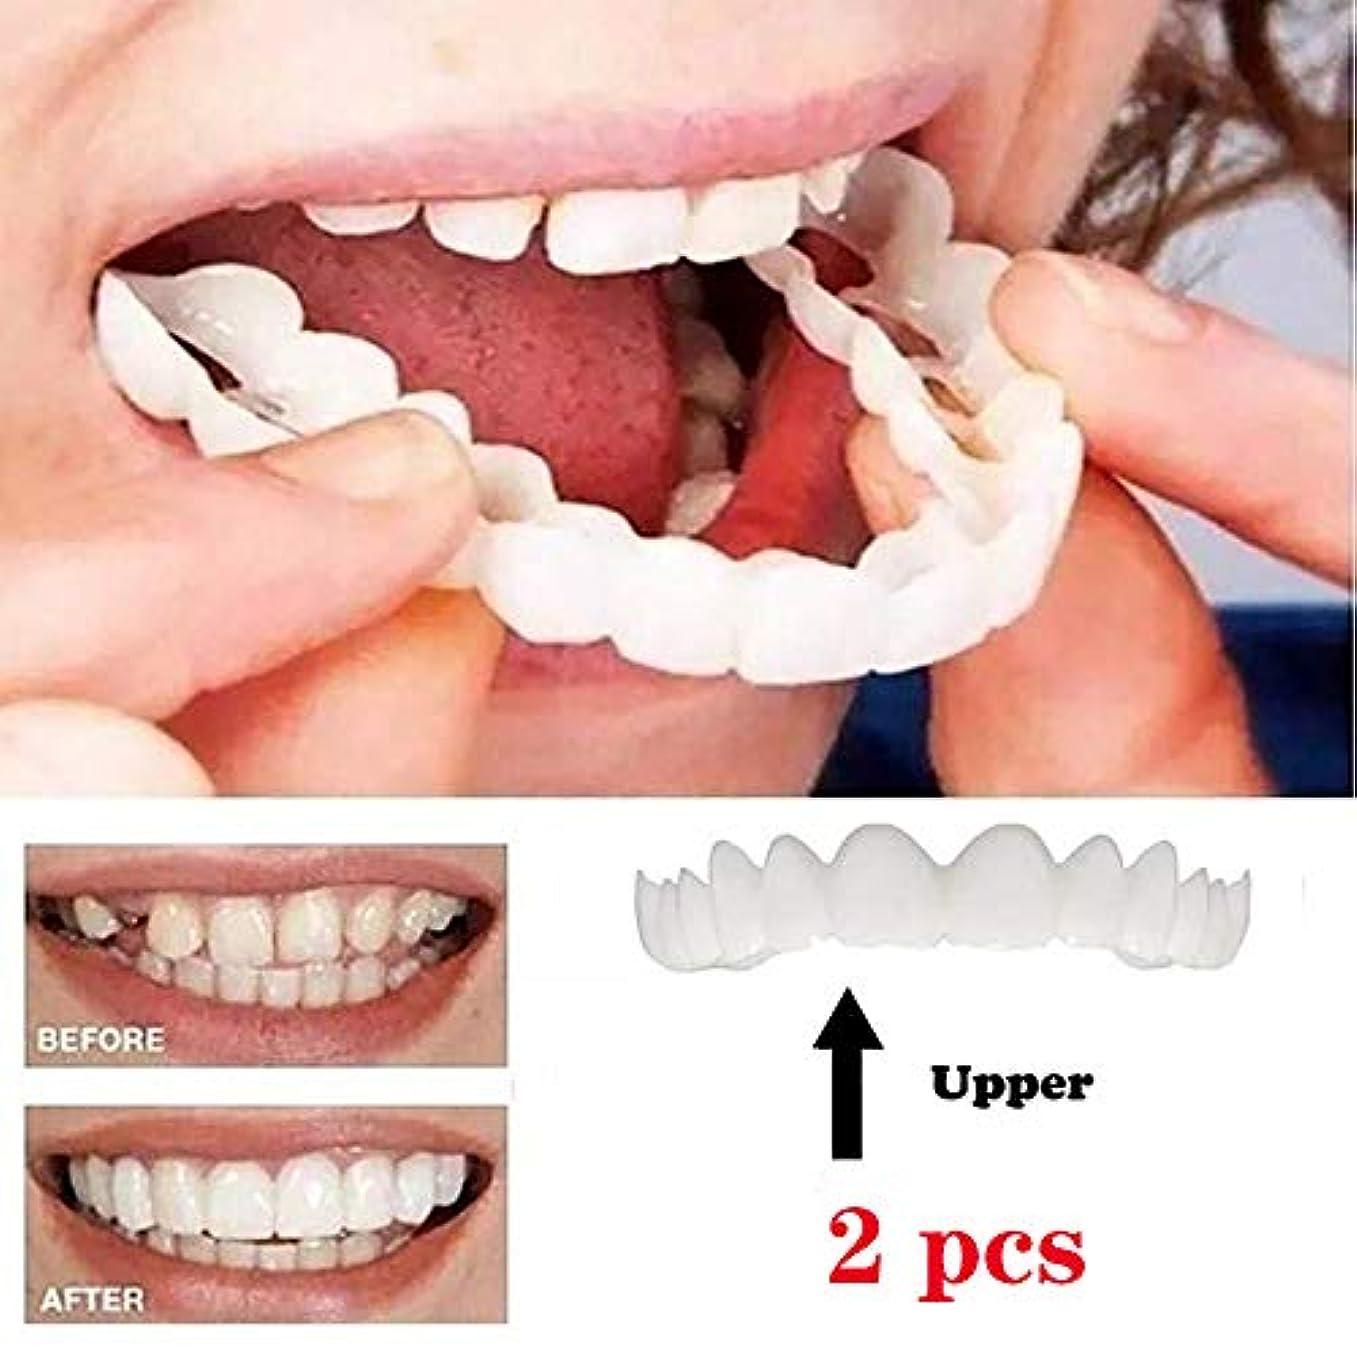 骨折カッター嫌い義歯歯科口腔ケア歯プラスチックホワイトニング義歯ワンサイズホワイトニング義歯シリコンアッパー偽歯カバーすべてにフィット(2個)